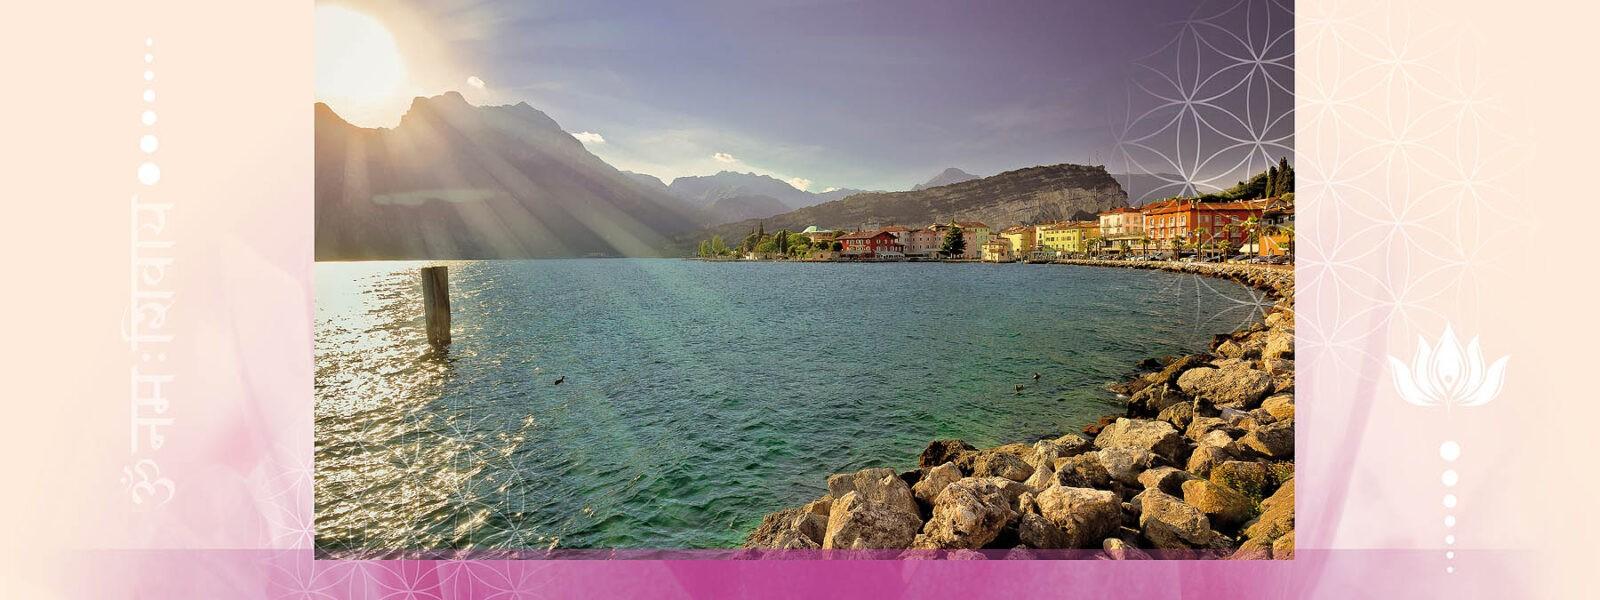 Kristall Heilreise an den schönen Gardasee